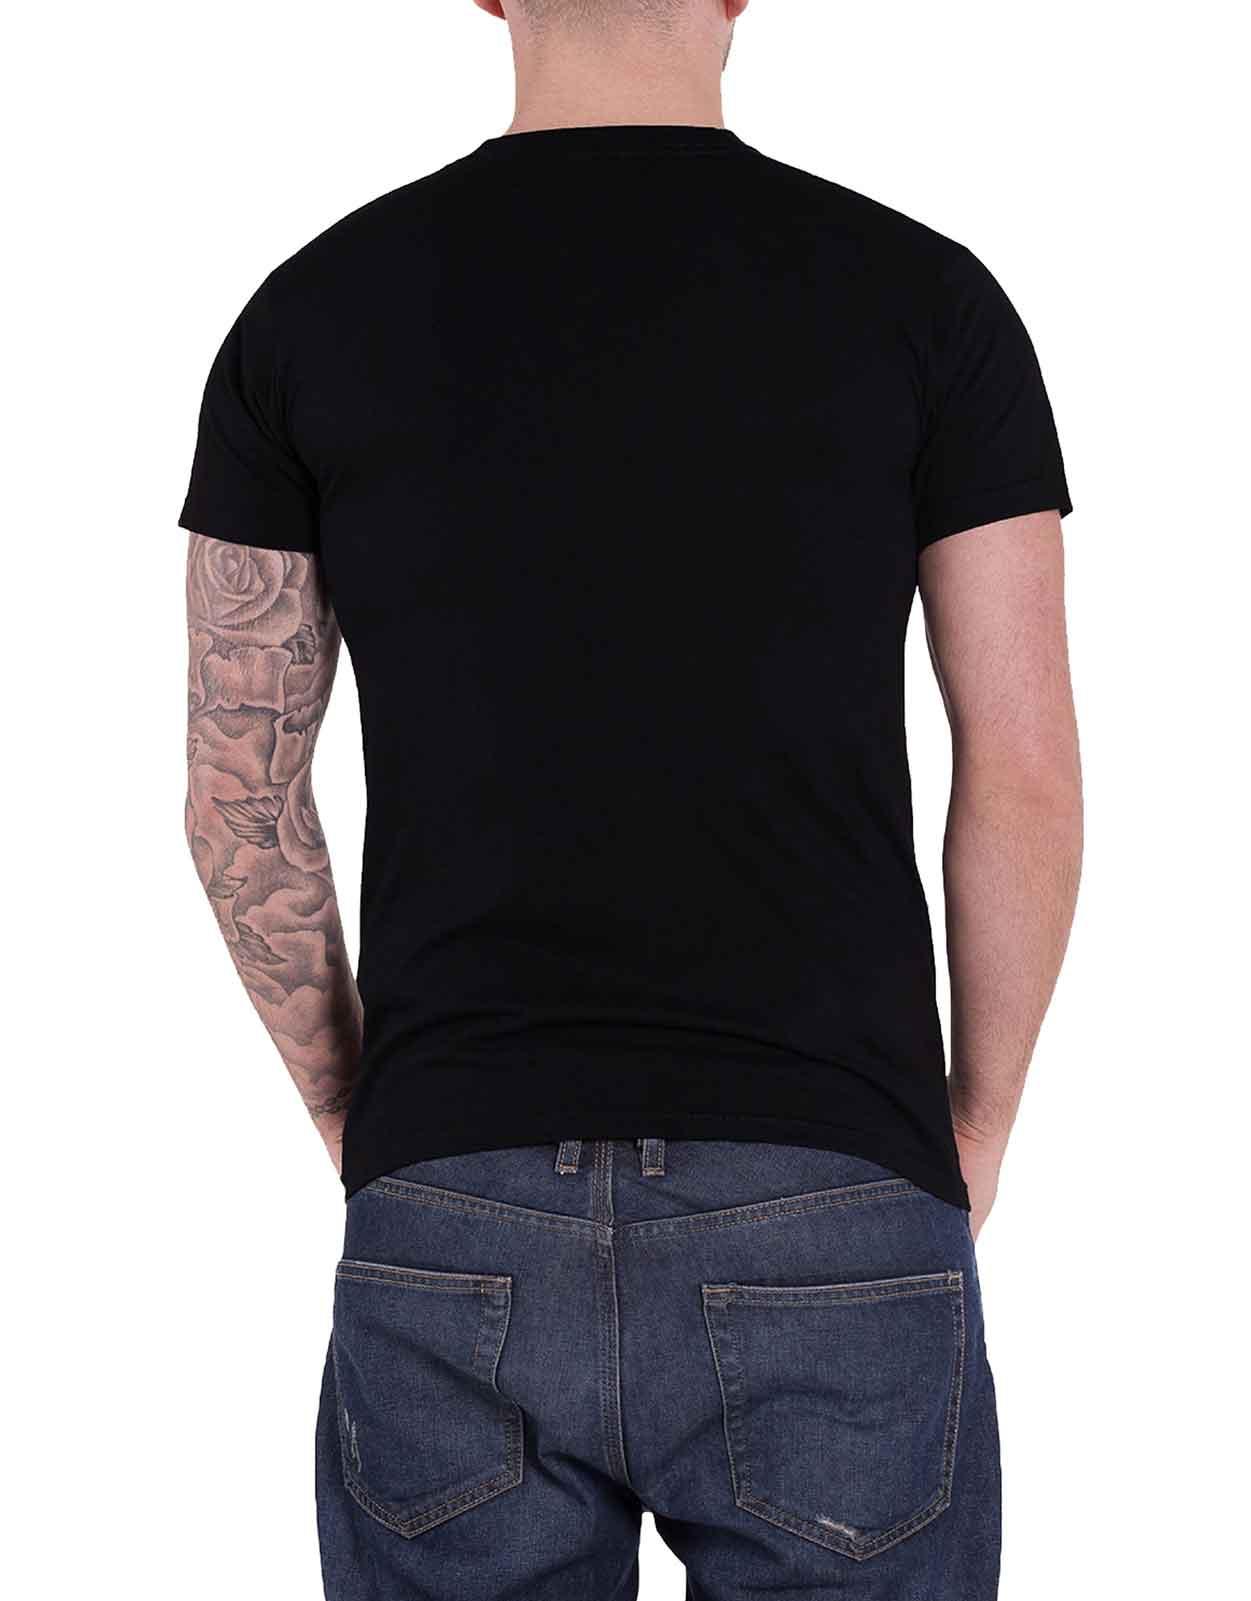 Motorhead-T-Shirt-Lemmy-RIP-England-warpig-clean-your-clock-official-new-mens miniature 65